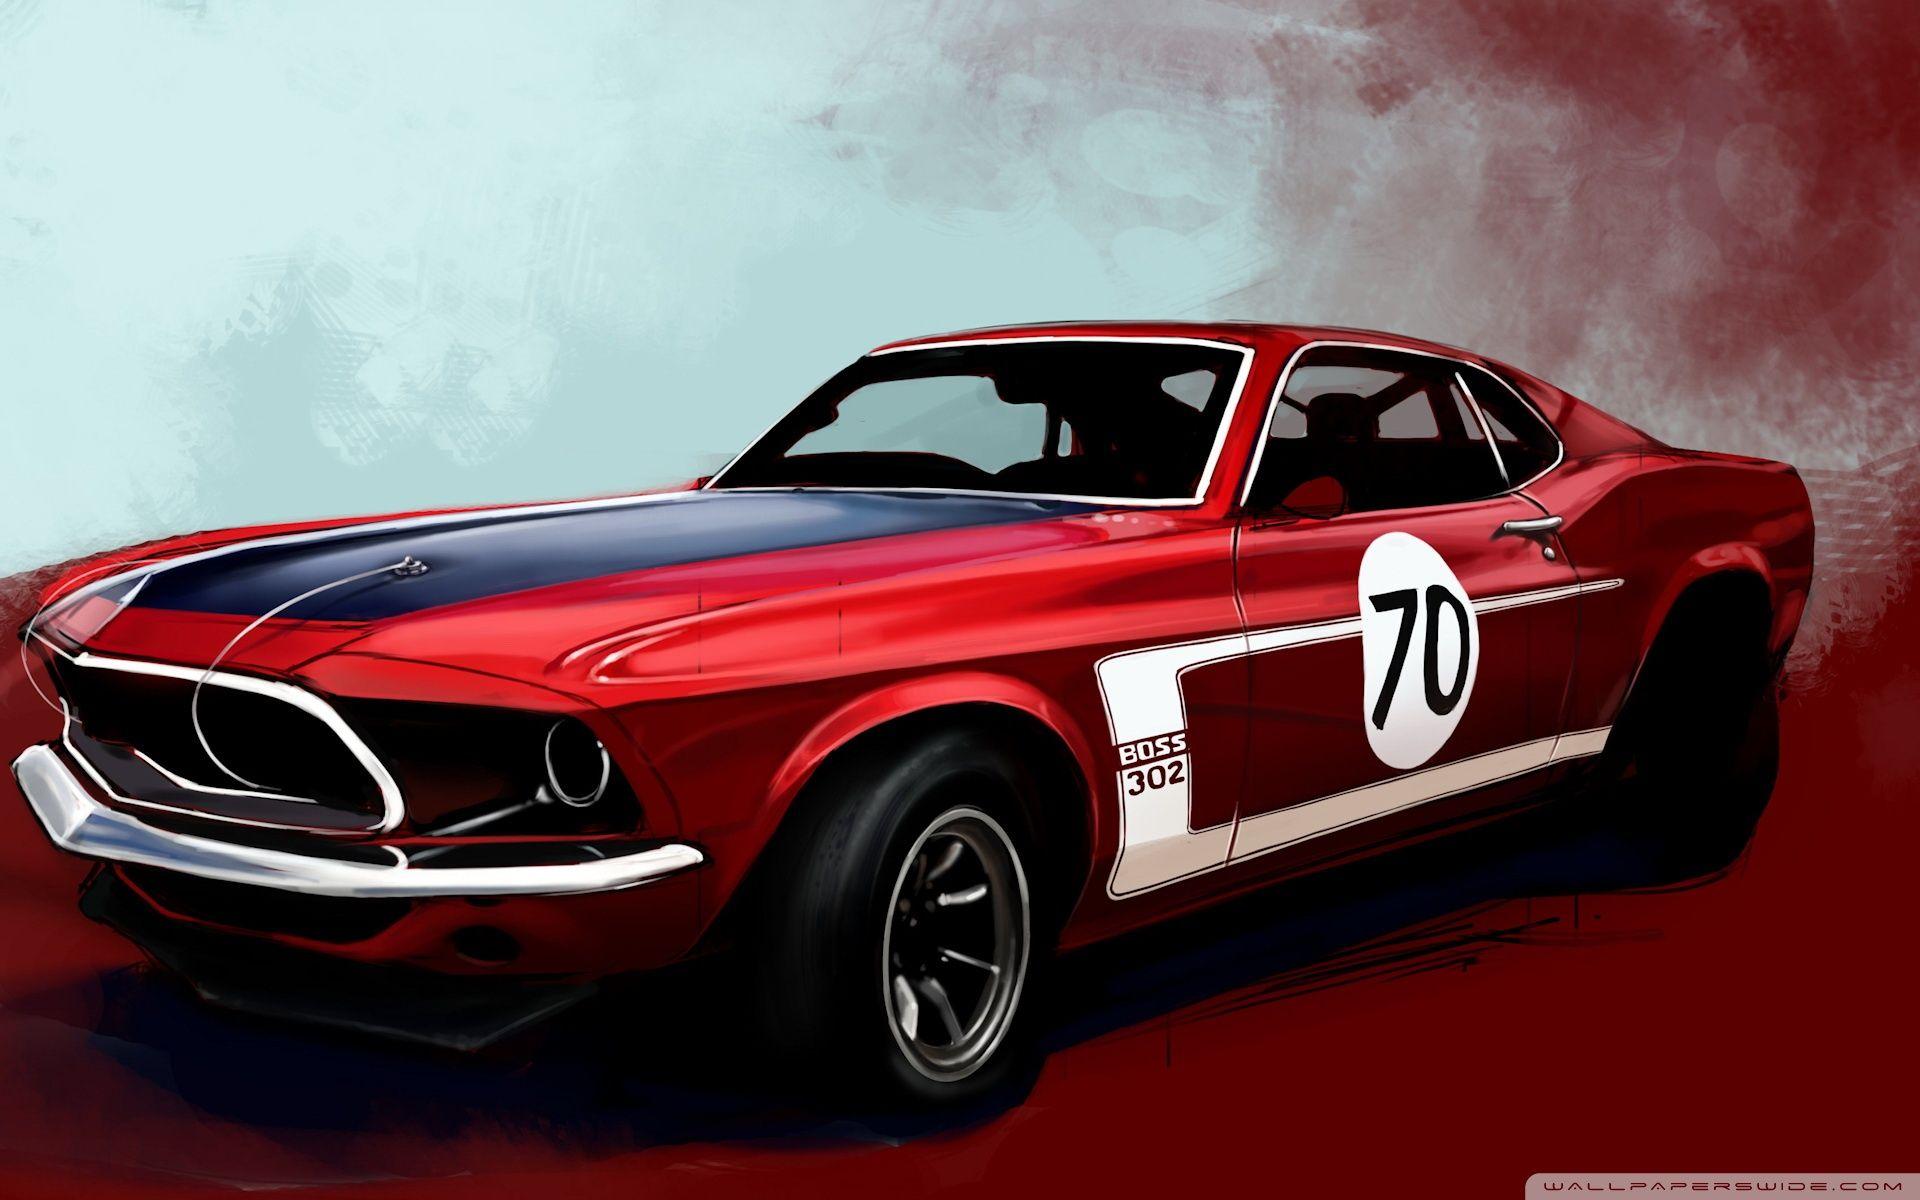 Ford Mustang Boss 302 Classic Car Hd Desktop Wallpaper Ford Mustang Boss 302 Sports Car Wallpaper Muscle Cars